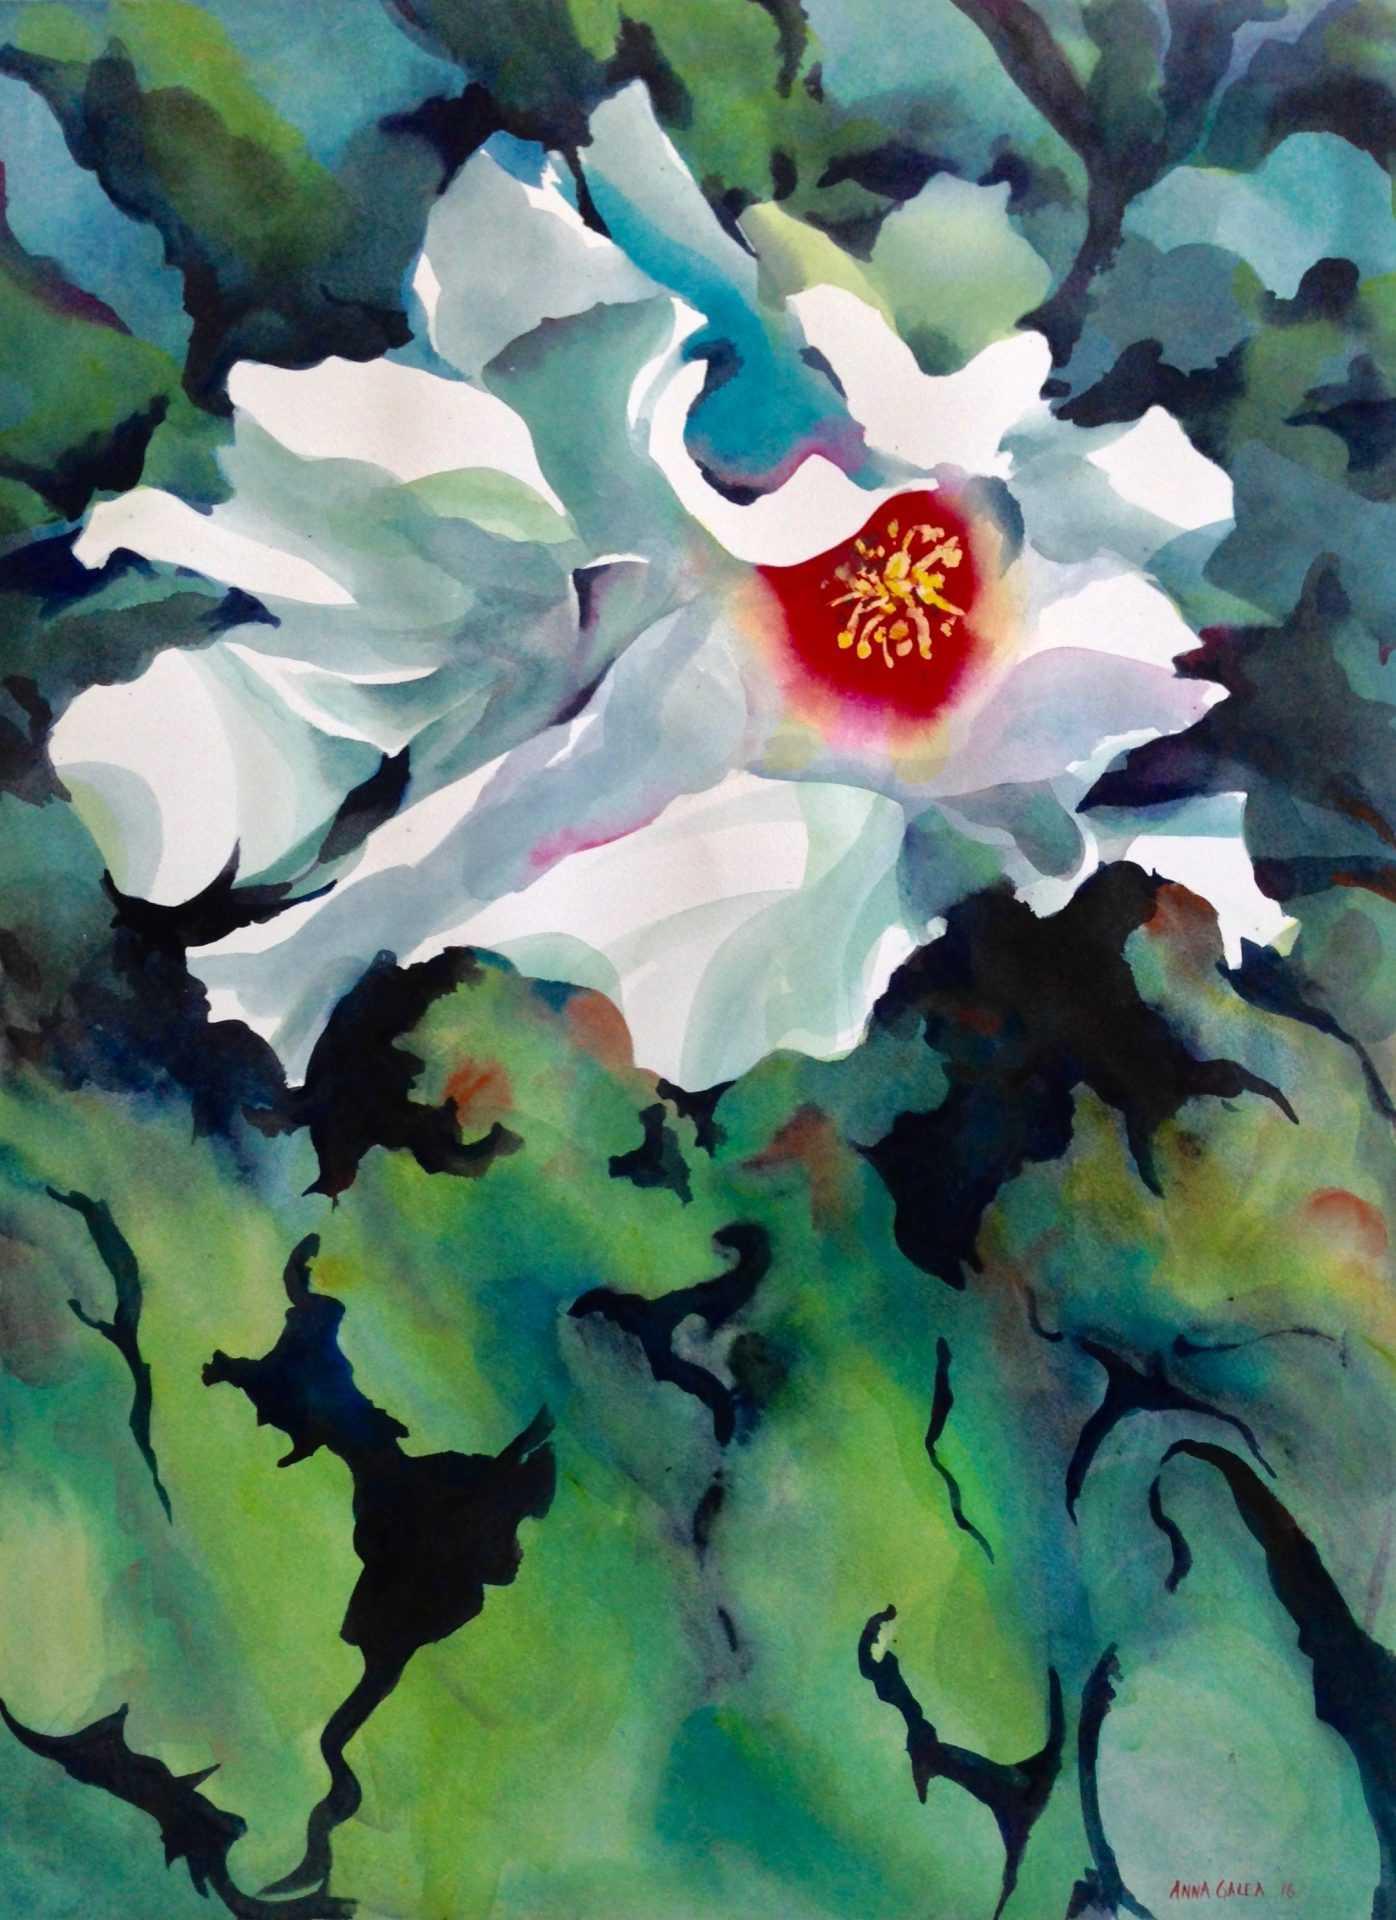 anna-galea-almond-blossoms